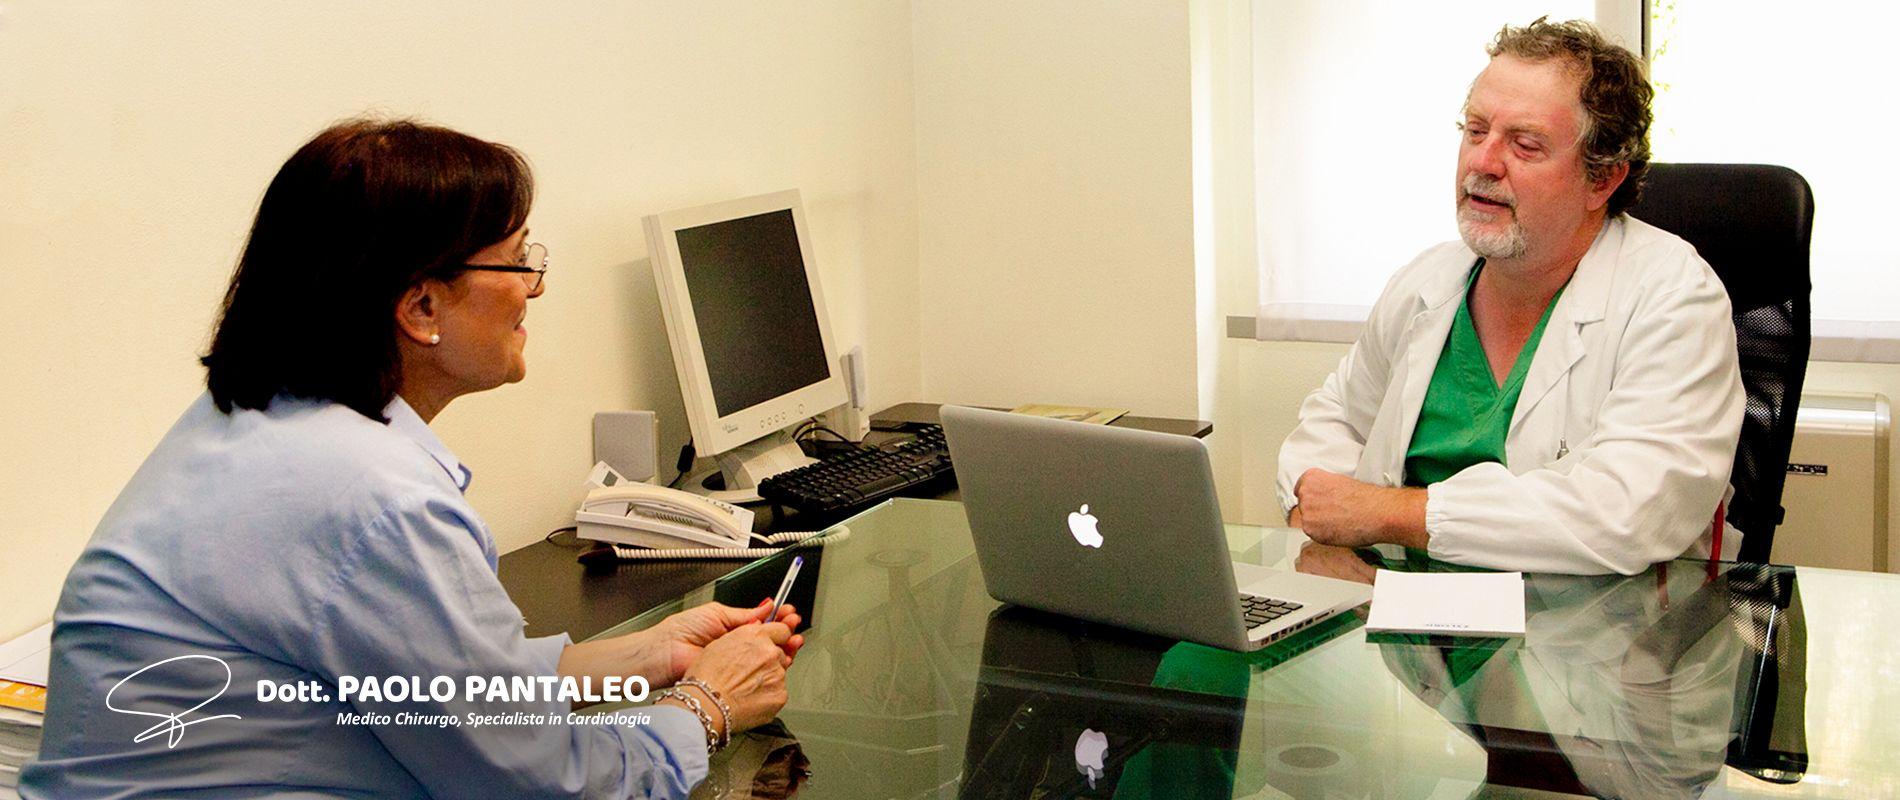 Dott. Paolo Pantaleo